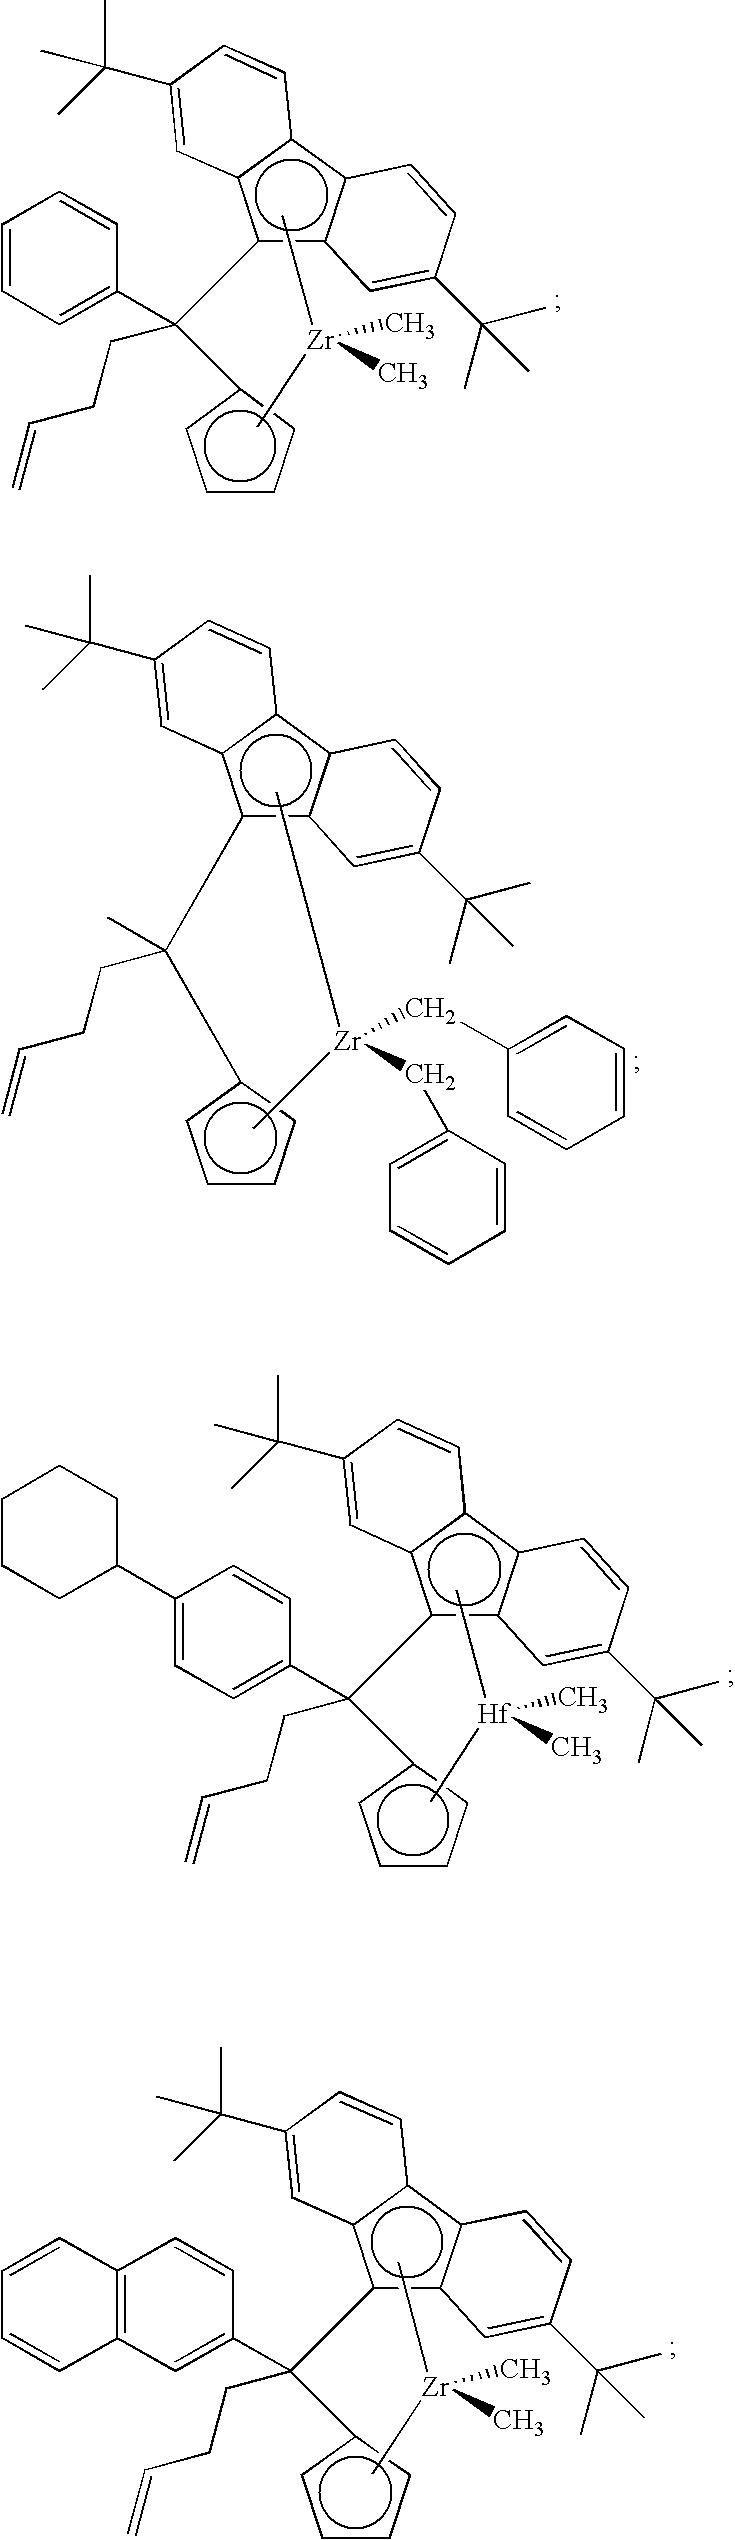 Figure US20100076167A1-20100325-C00007